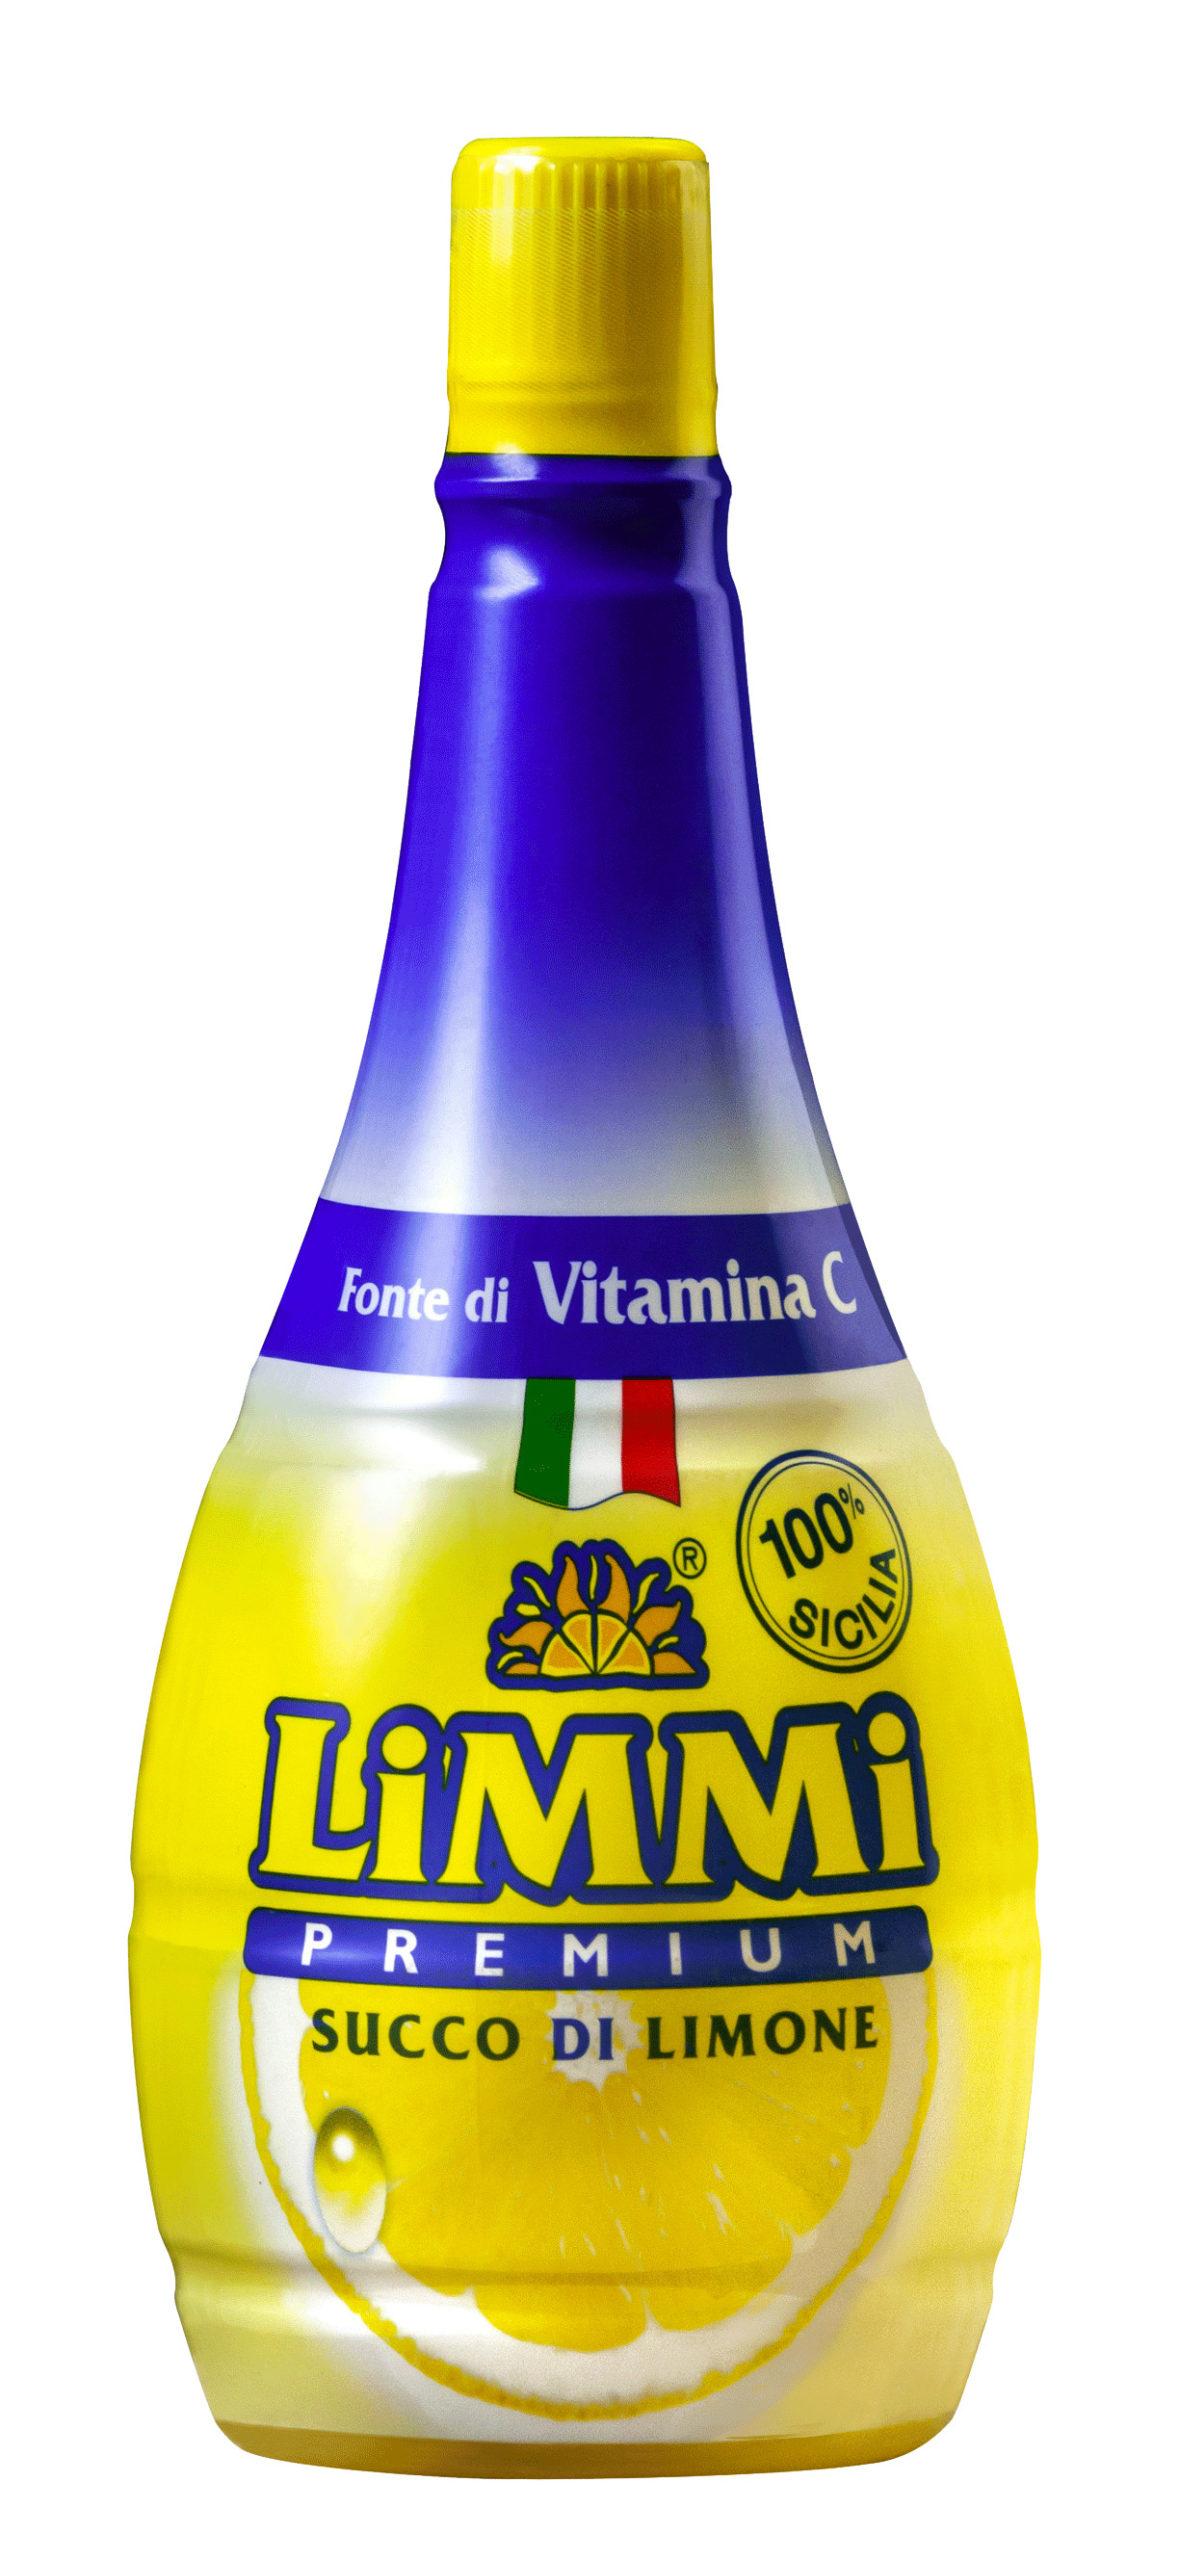 La boccetta di succo di limone Limmi Premium